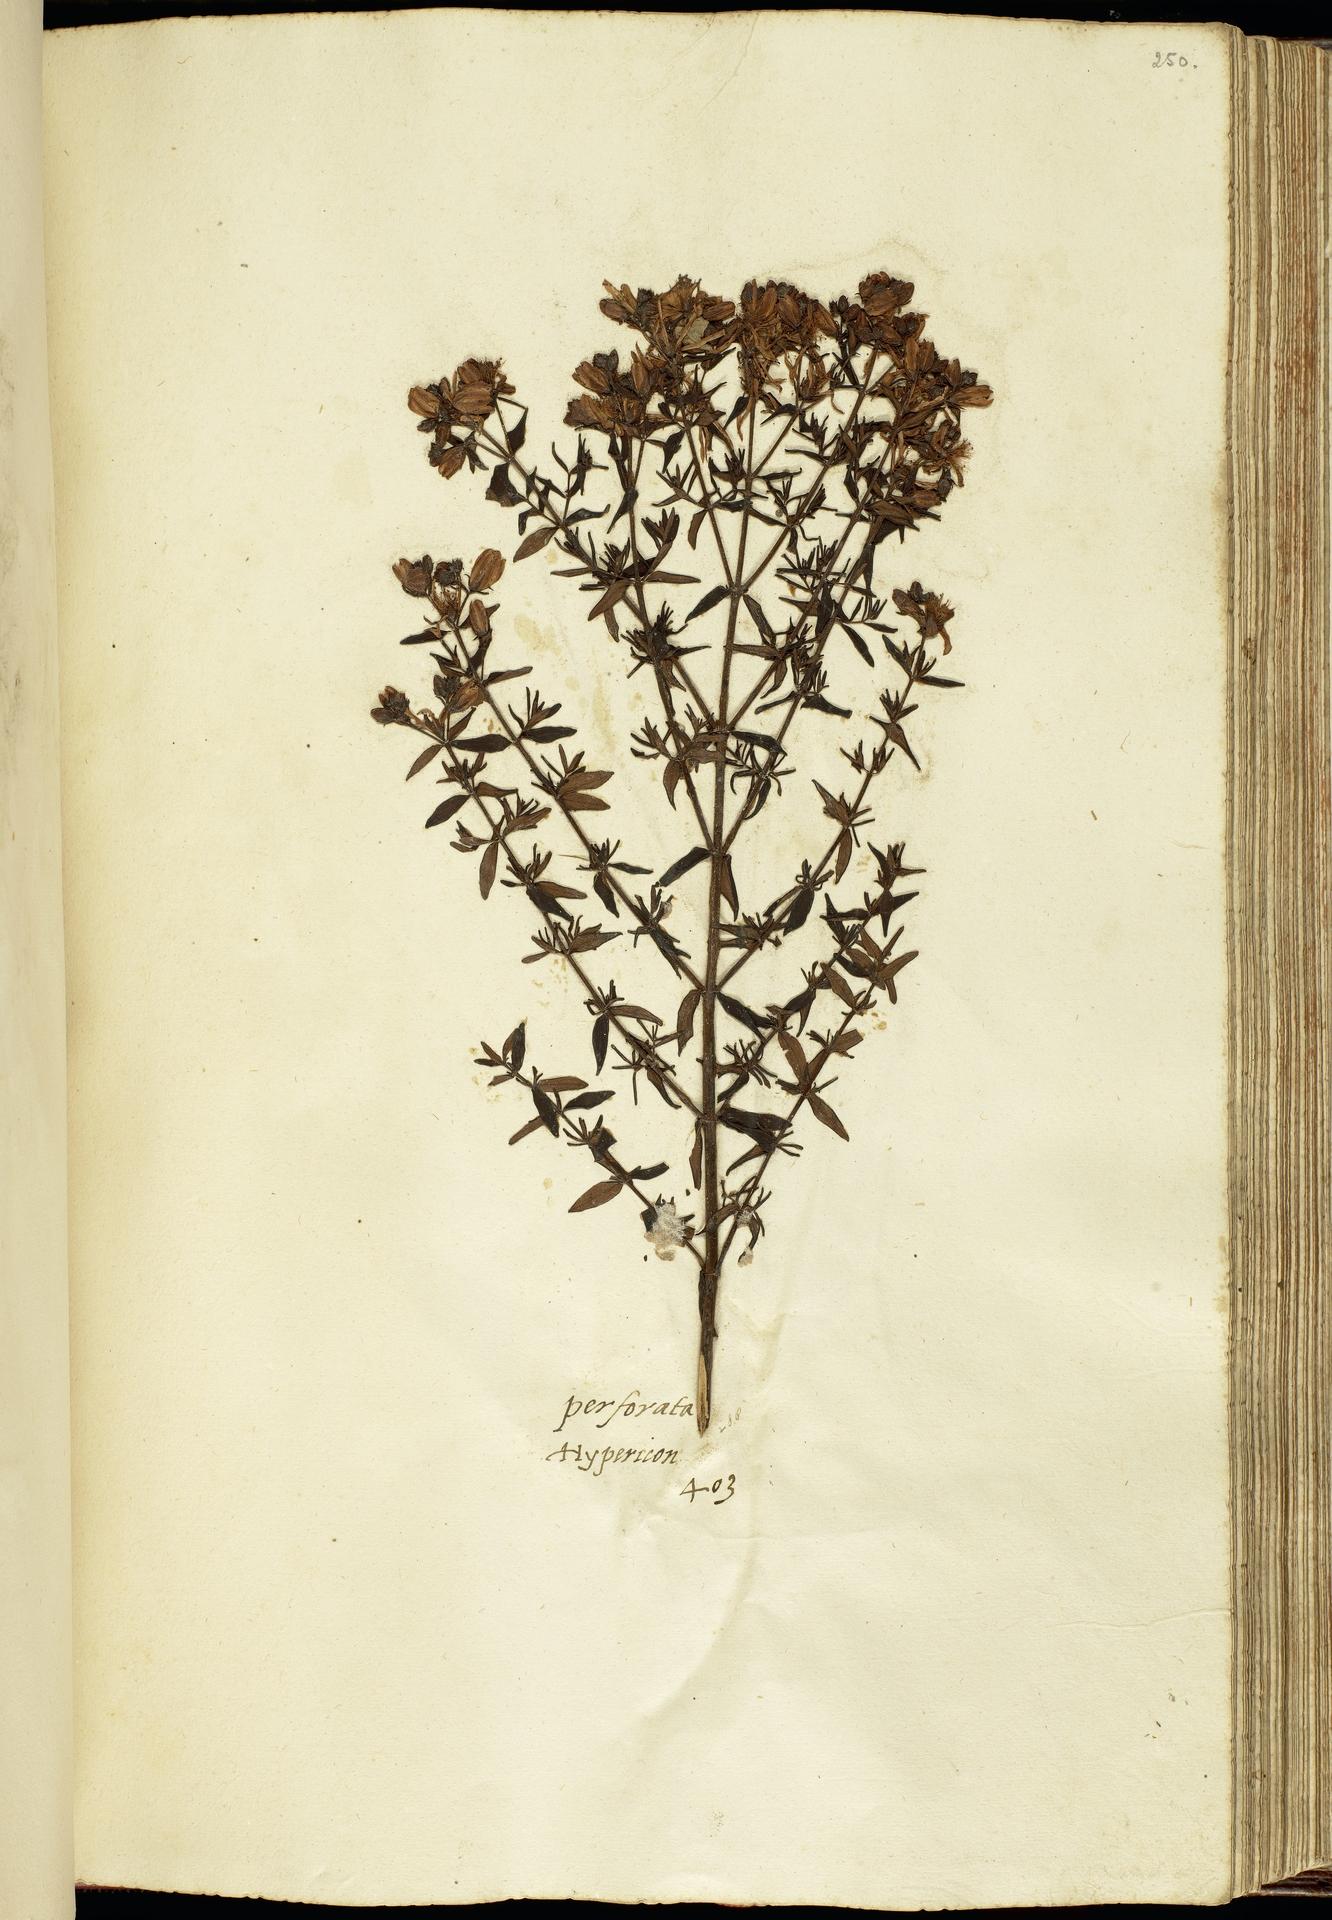 L.2111193   Hypericum perforatum L.